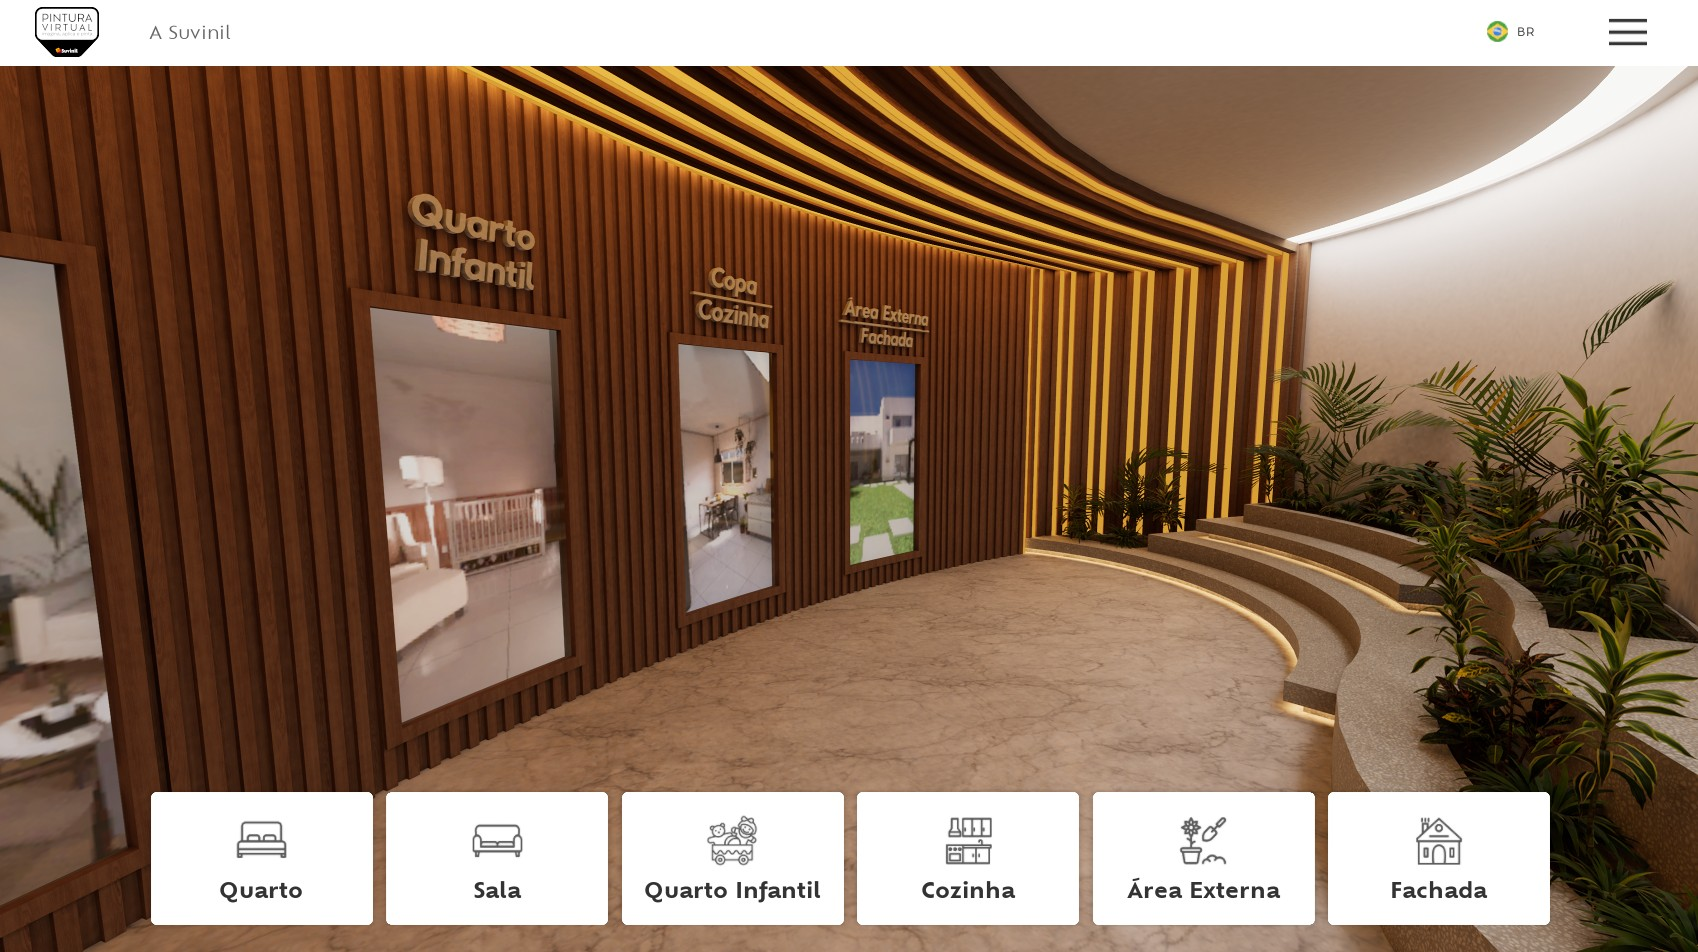 Hall para seleção de ambiente no Pintural Virtual.